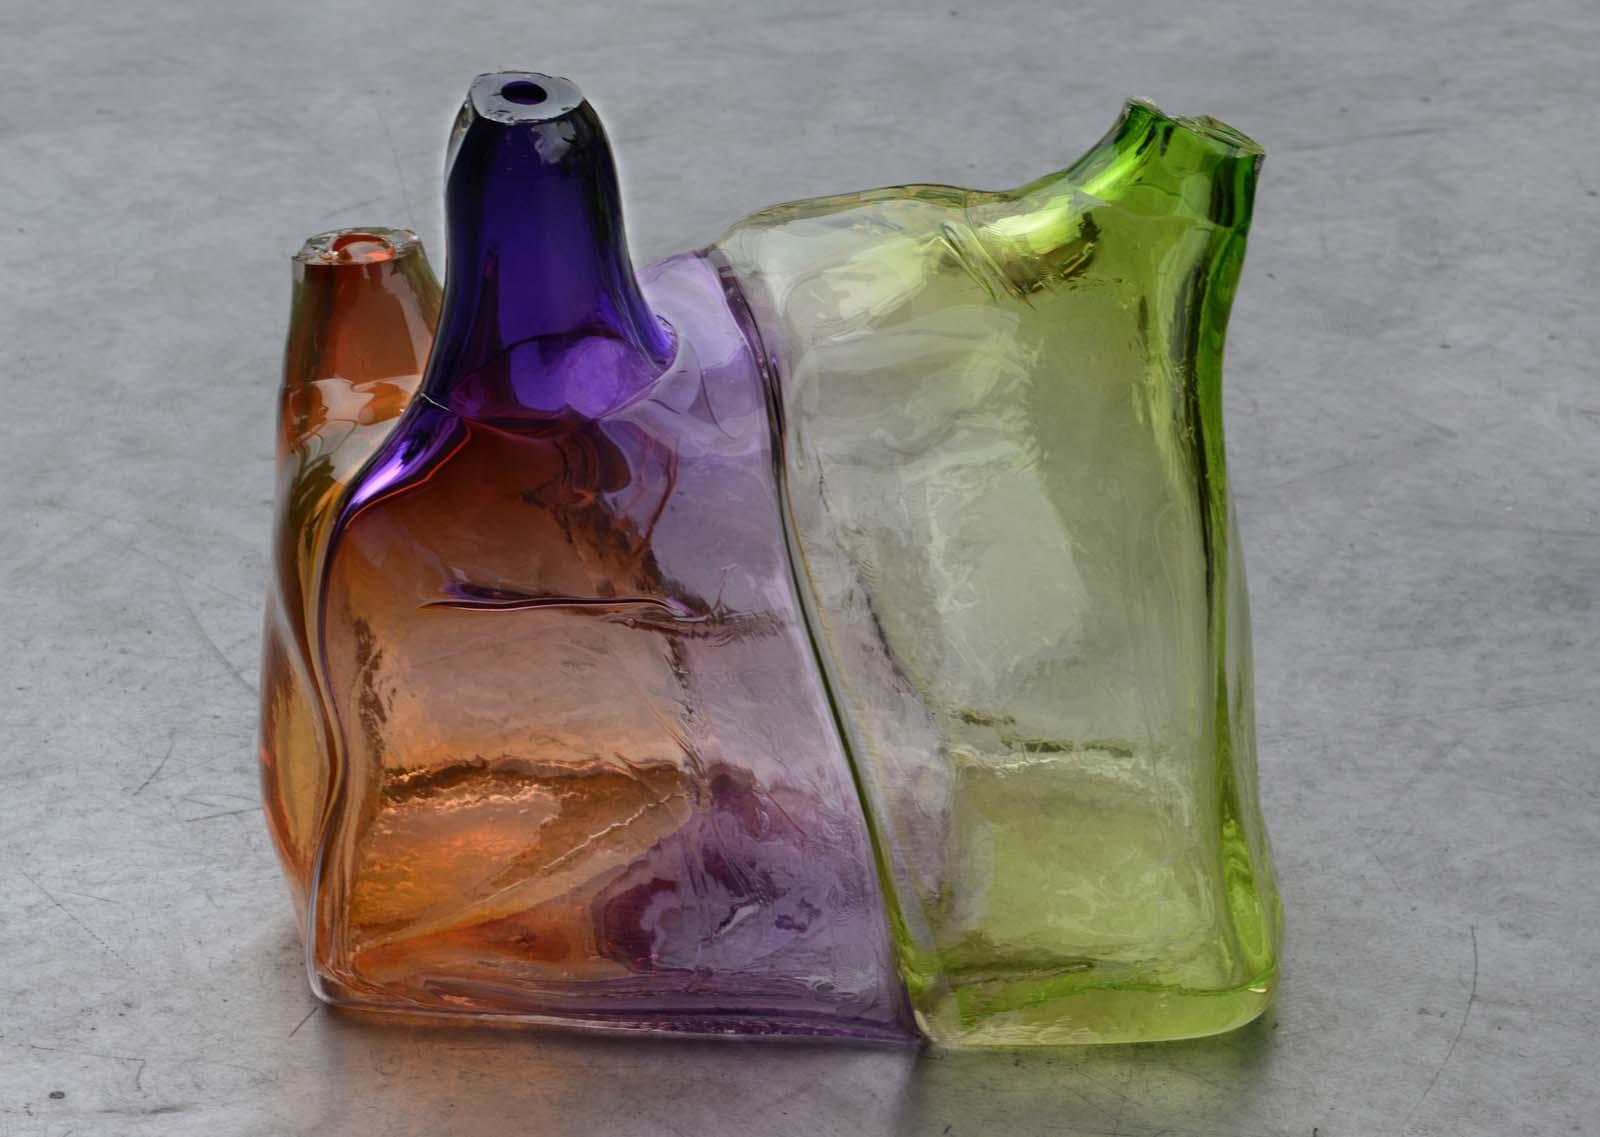 Design prototype by Arik Levy for GlassLab Paris, 2013. Photo credit Diedi von Schaewen.